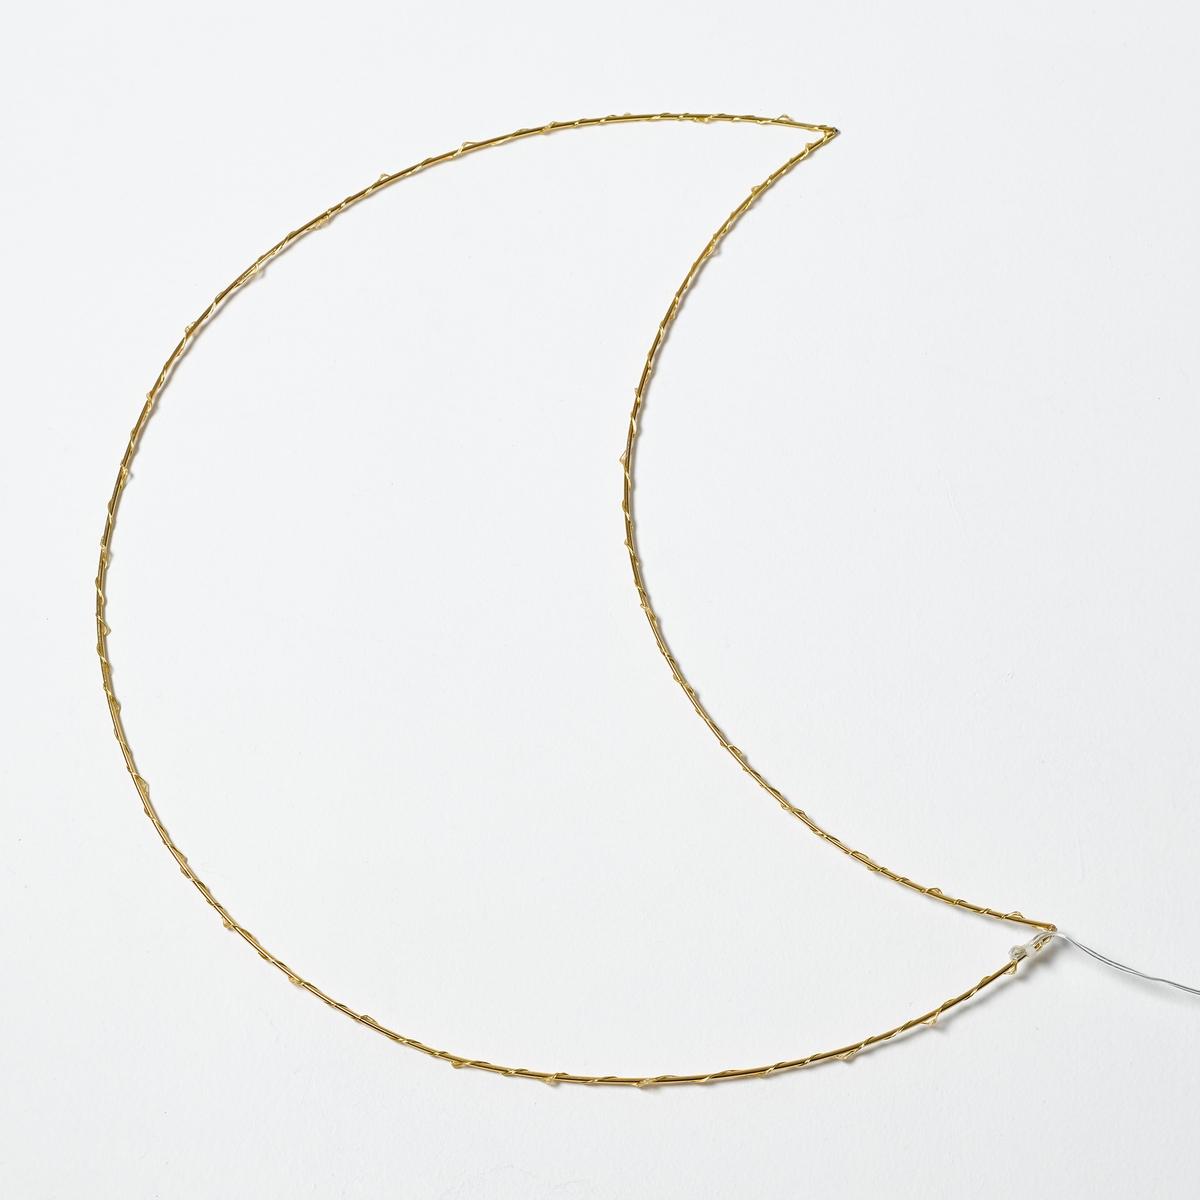 Светодиодный светильник в форме луны OmaraСветильник Omara. Светящаяся гирлянда в форме луны. Поэтичный и декоративный светильник понравится малышам.Характеристики :- 40 миниатюрных светодиодов, 3 В, на металлическом кабеле- Не нагревается- Несменные лампы- Поставляется с адаптером 220 В, длина провода 3 м. - Без выключателя   Размеры :- Ш.27 x В.56 x Г.0,5 см.<br><br>Цвет: латунь